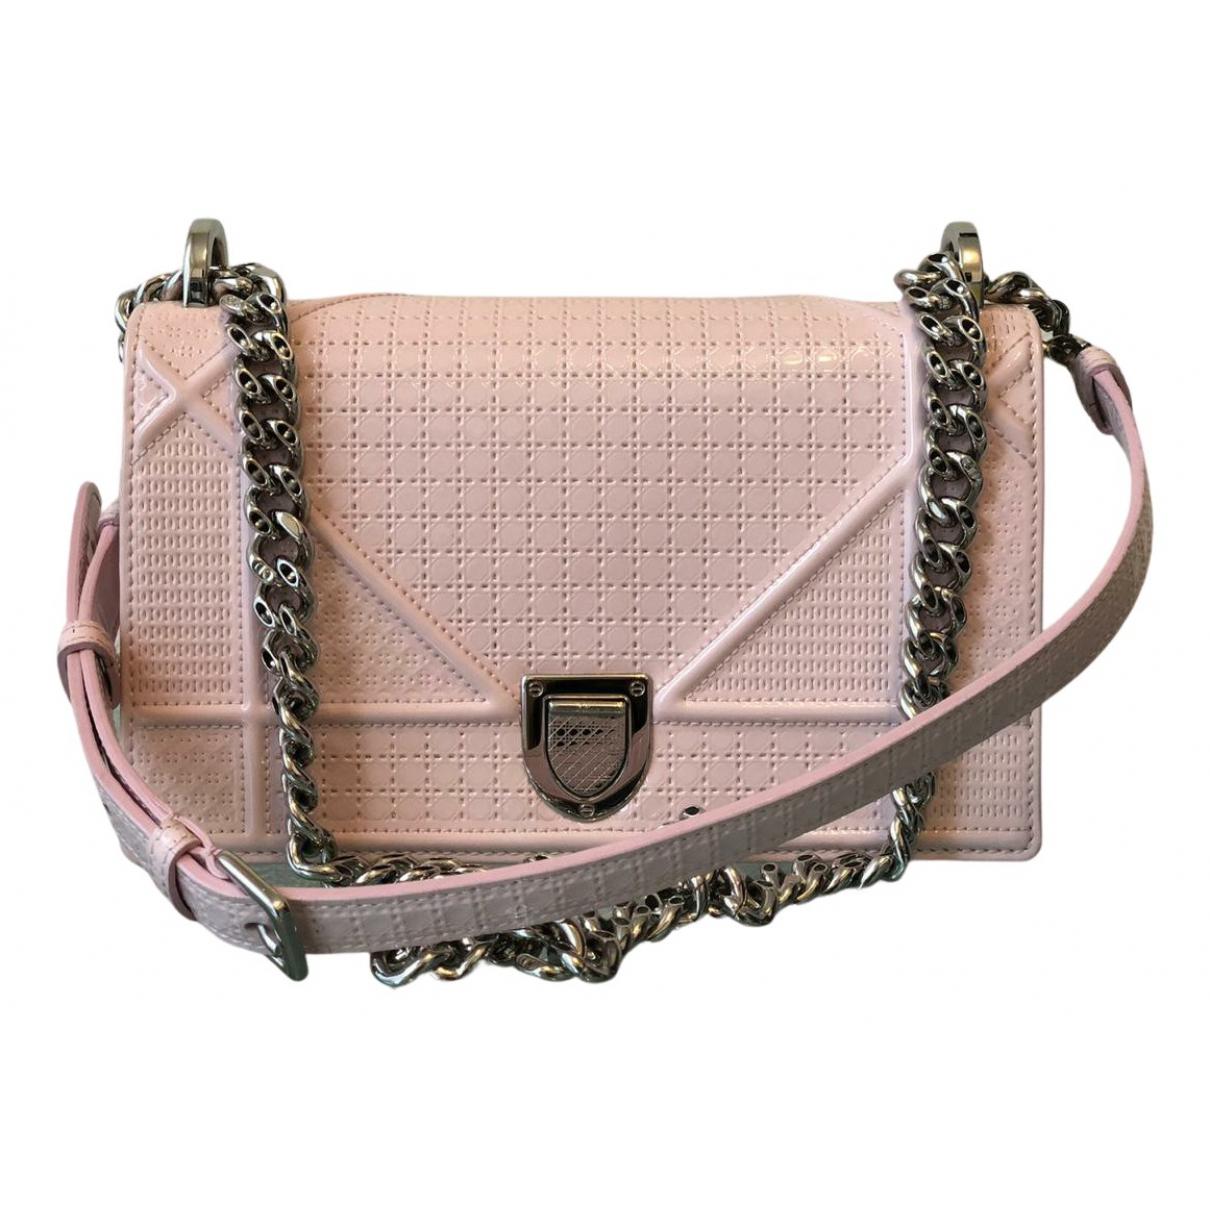 Dior - Sac a main Diorama pour femme en cuir verni - rose